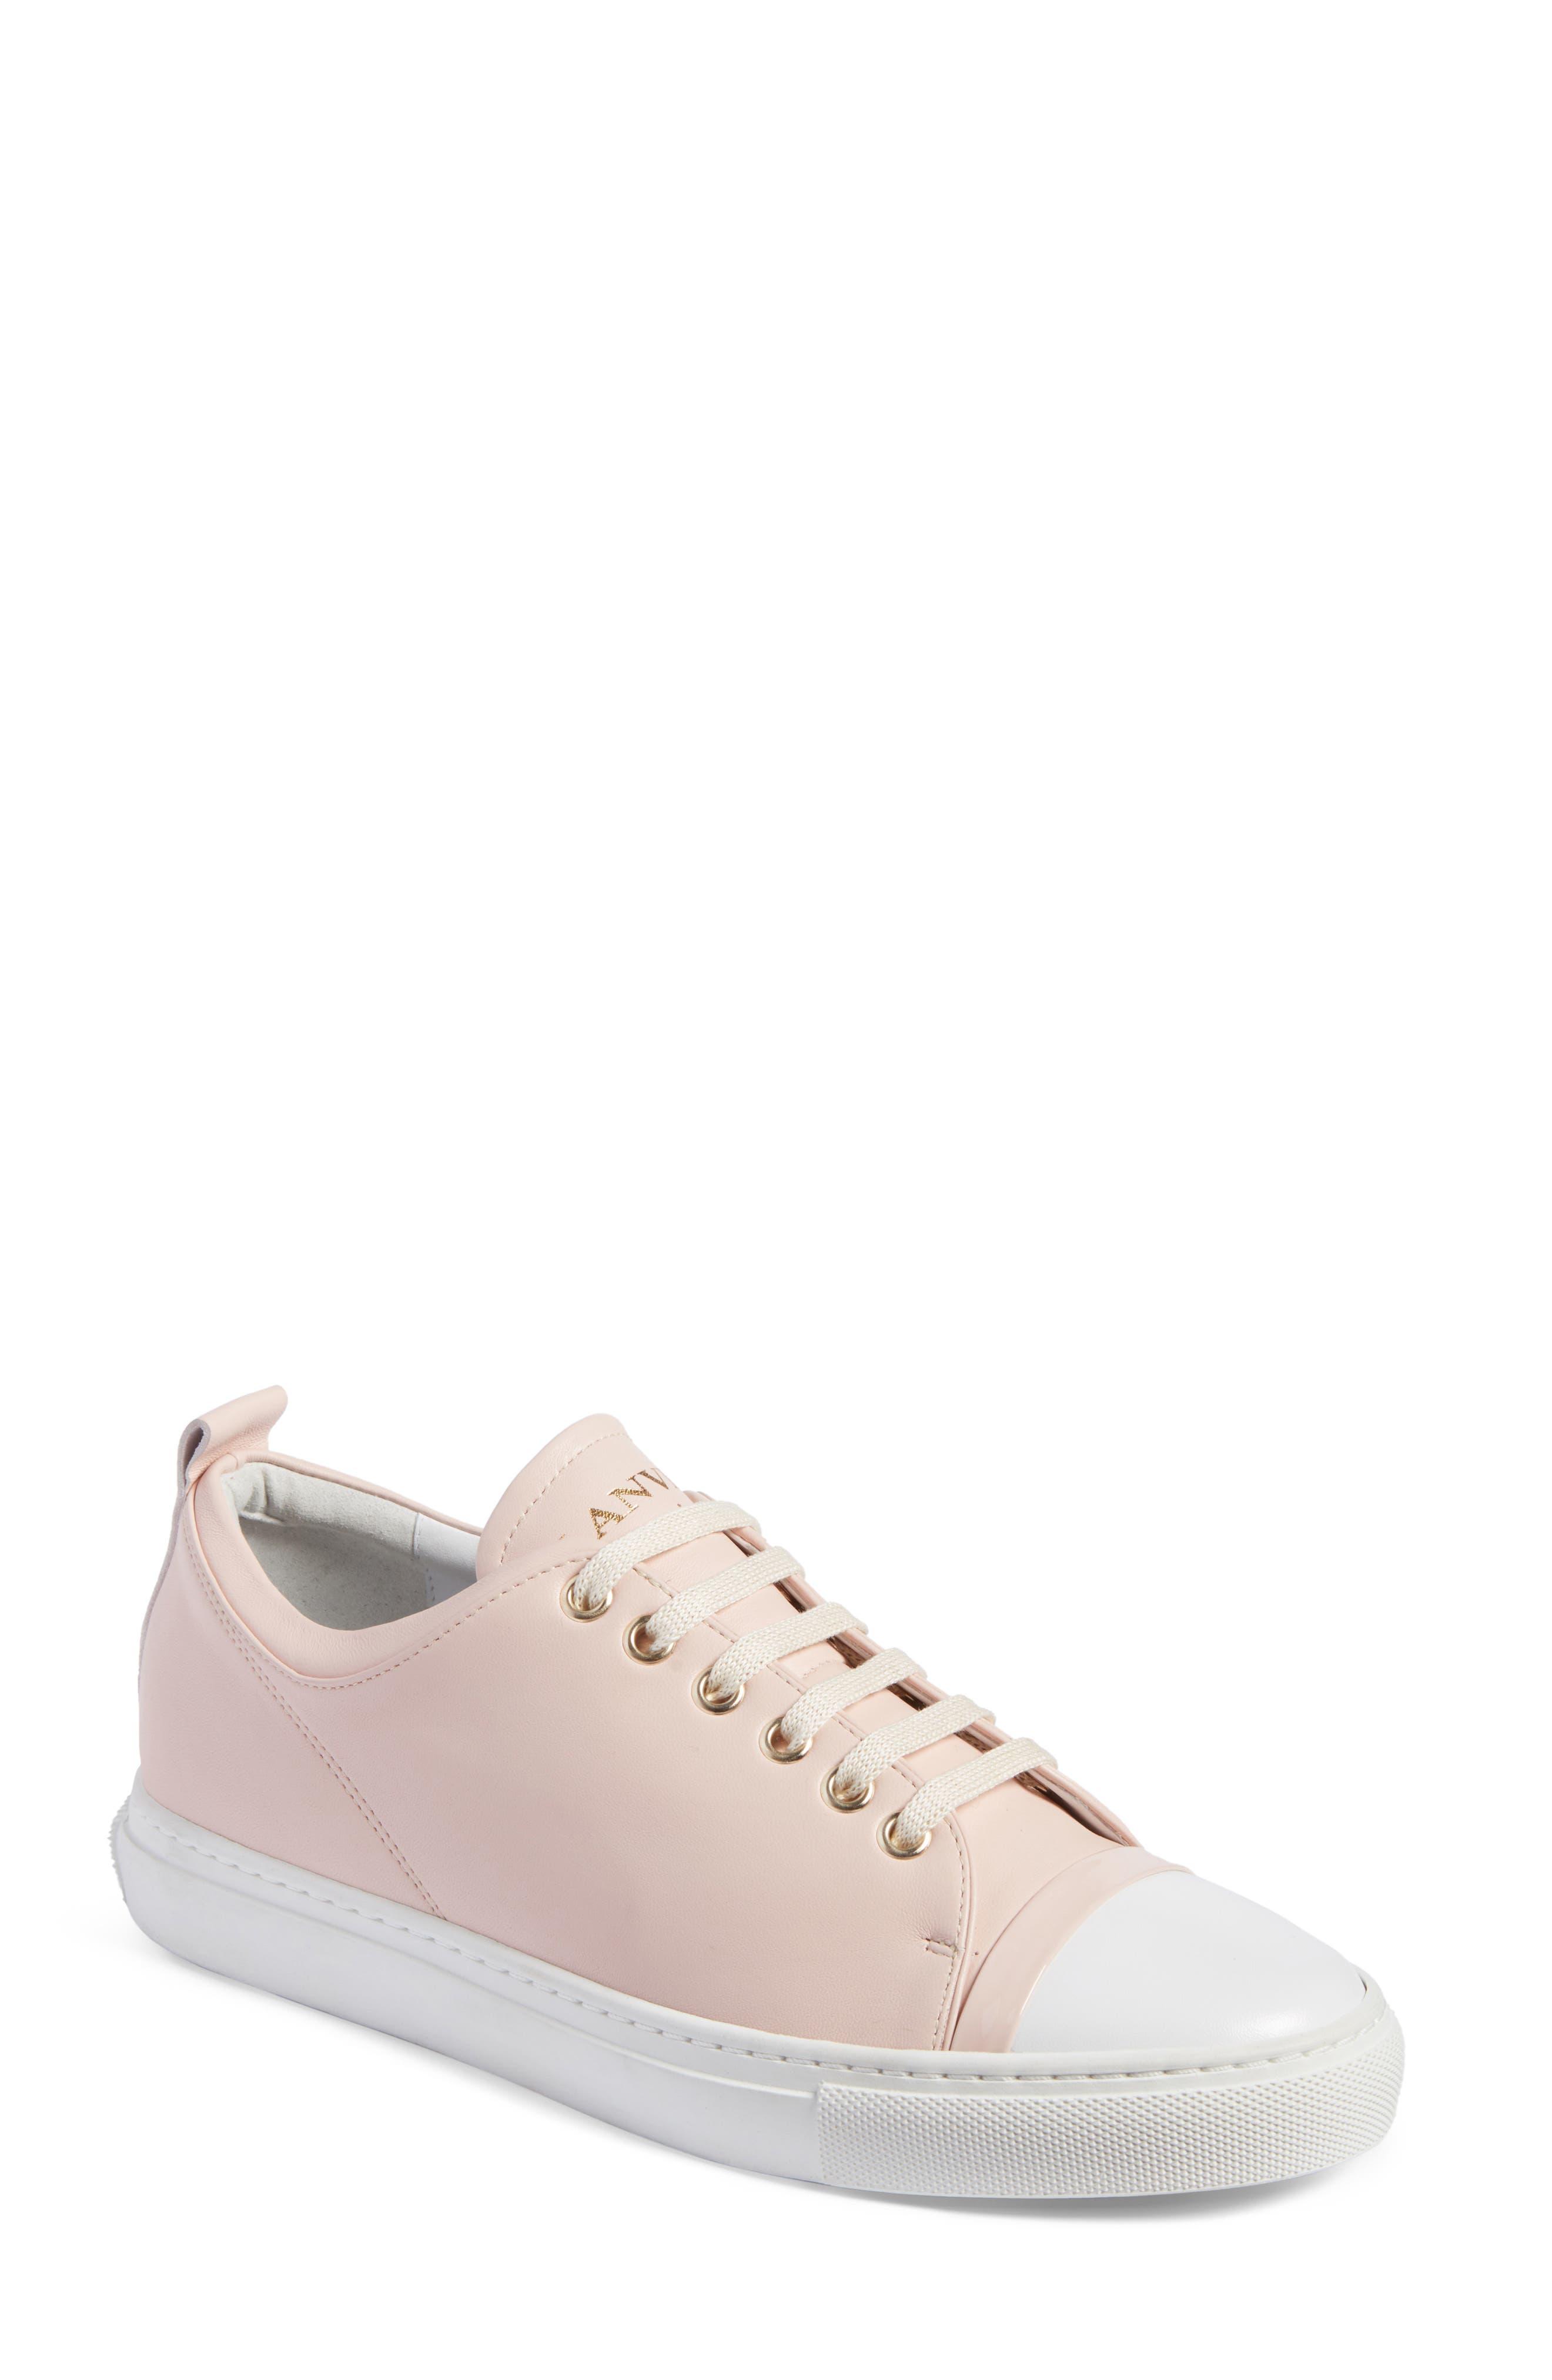 Lanvin Low Top Sneaker (Women)